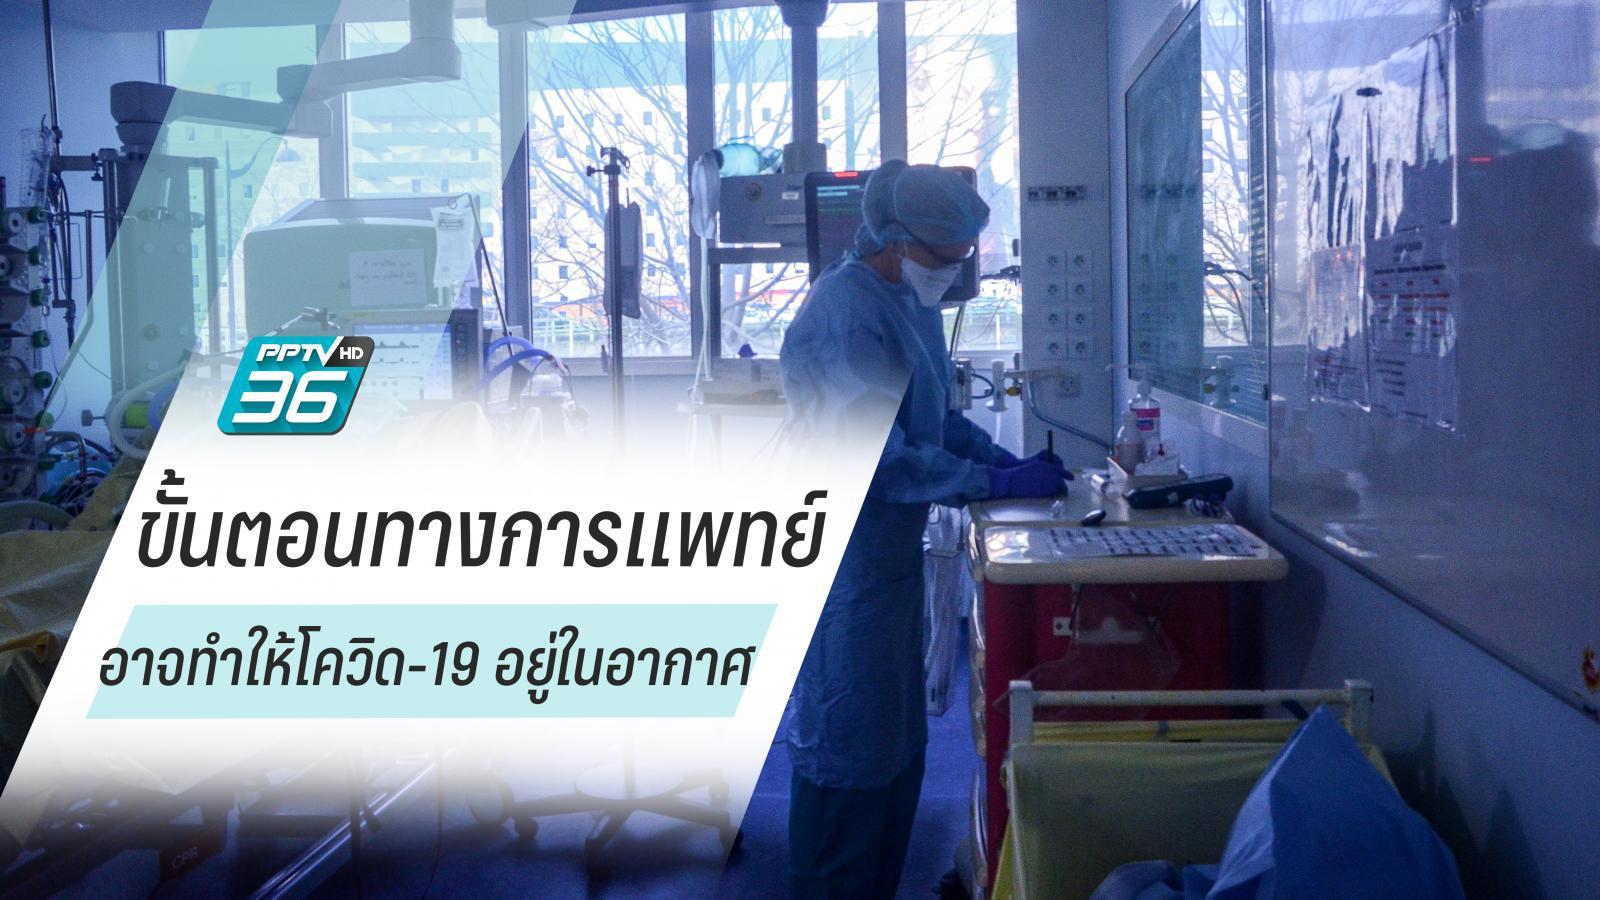 WHO เผย ขั้นตอนทางการแพทย์อาจทำให้ เชื้อโควิด-19 อยู่รอดในอากาศนานขึ้น